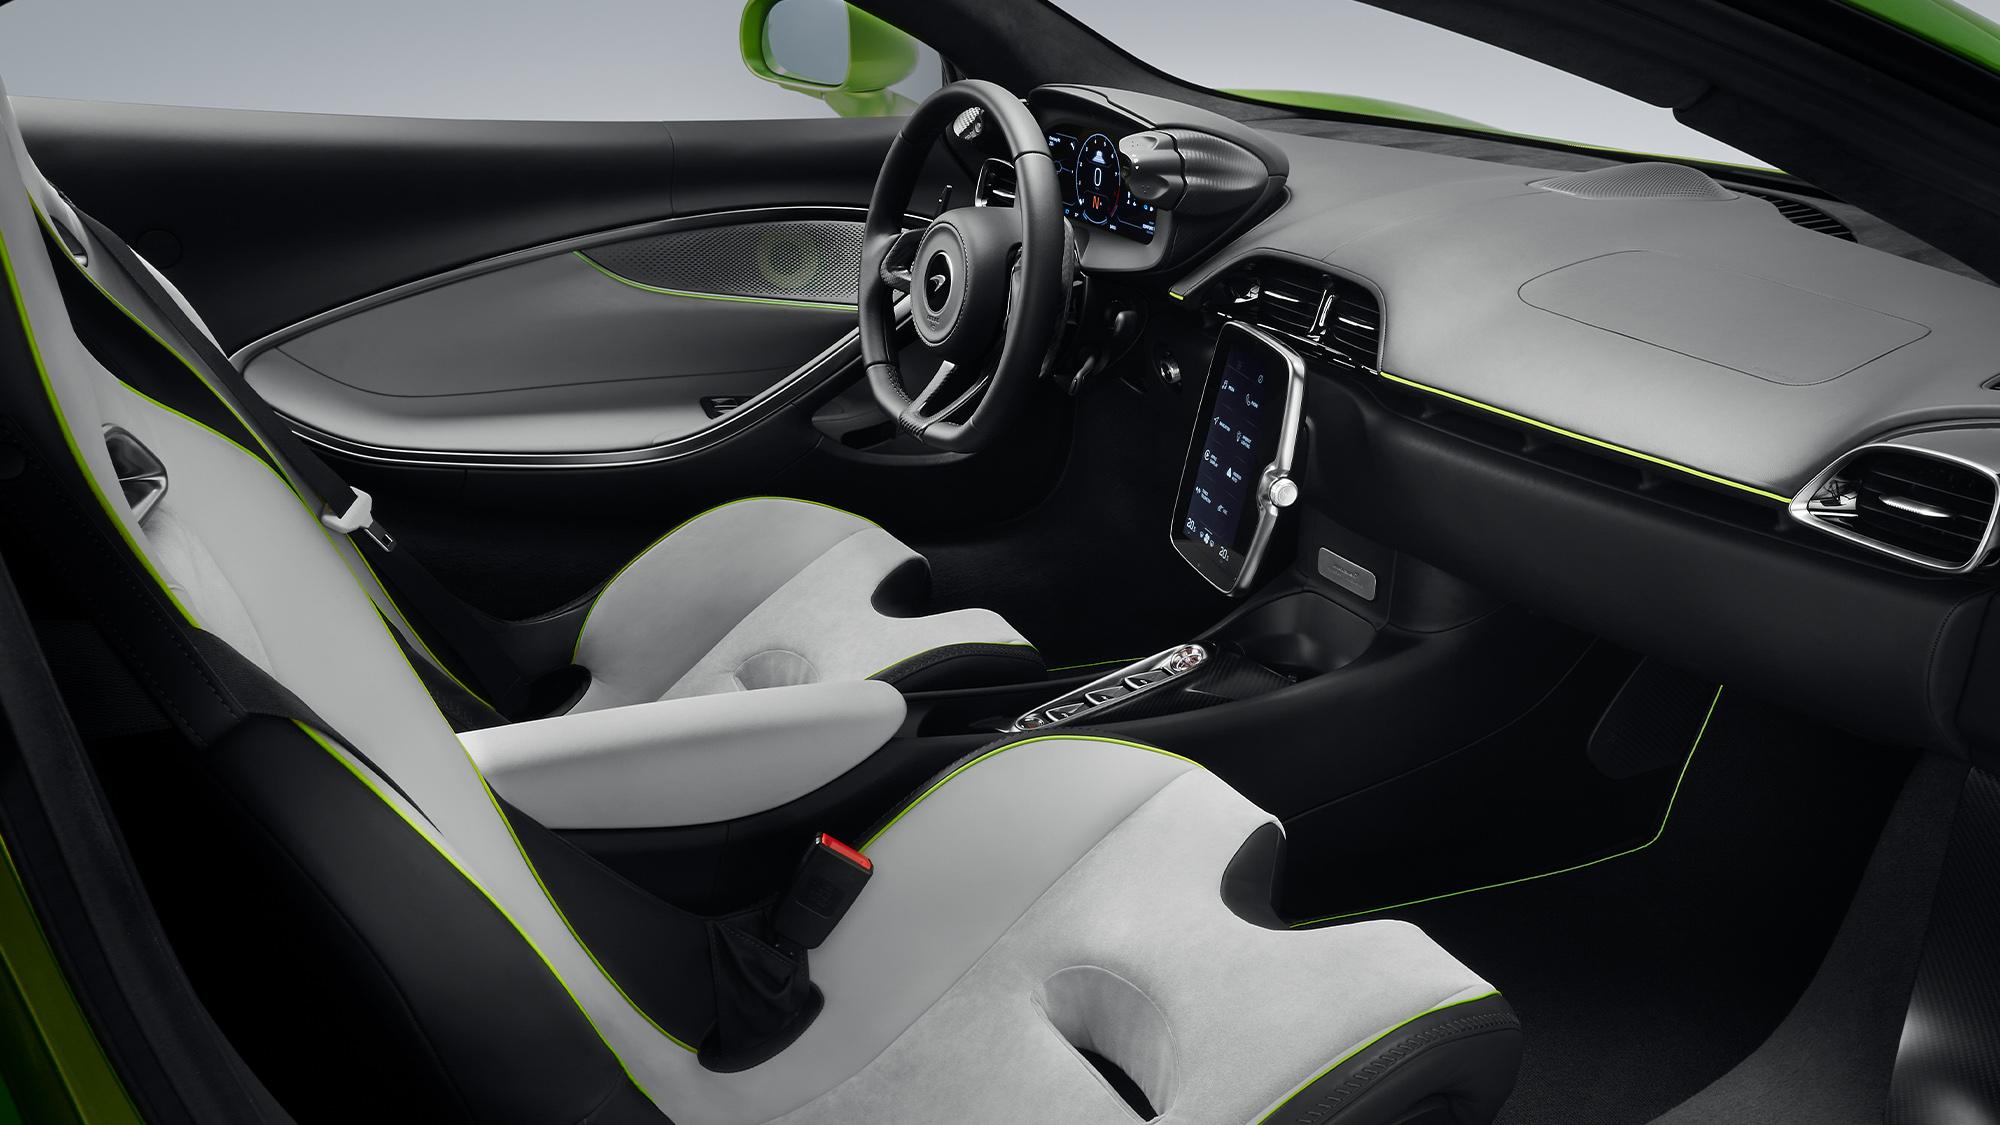 2021 McLaren Artura interior 1